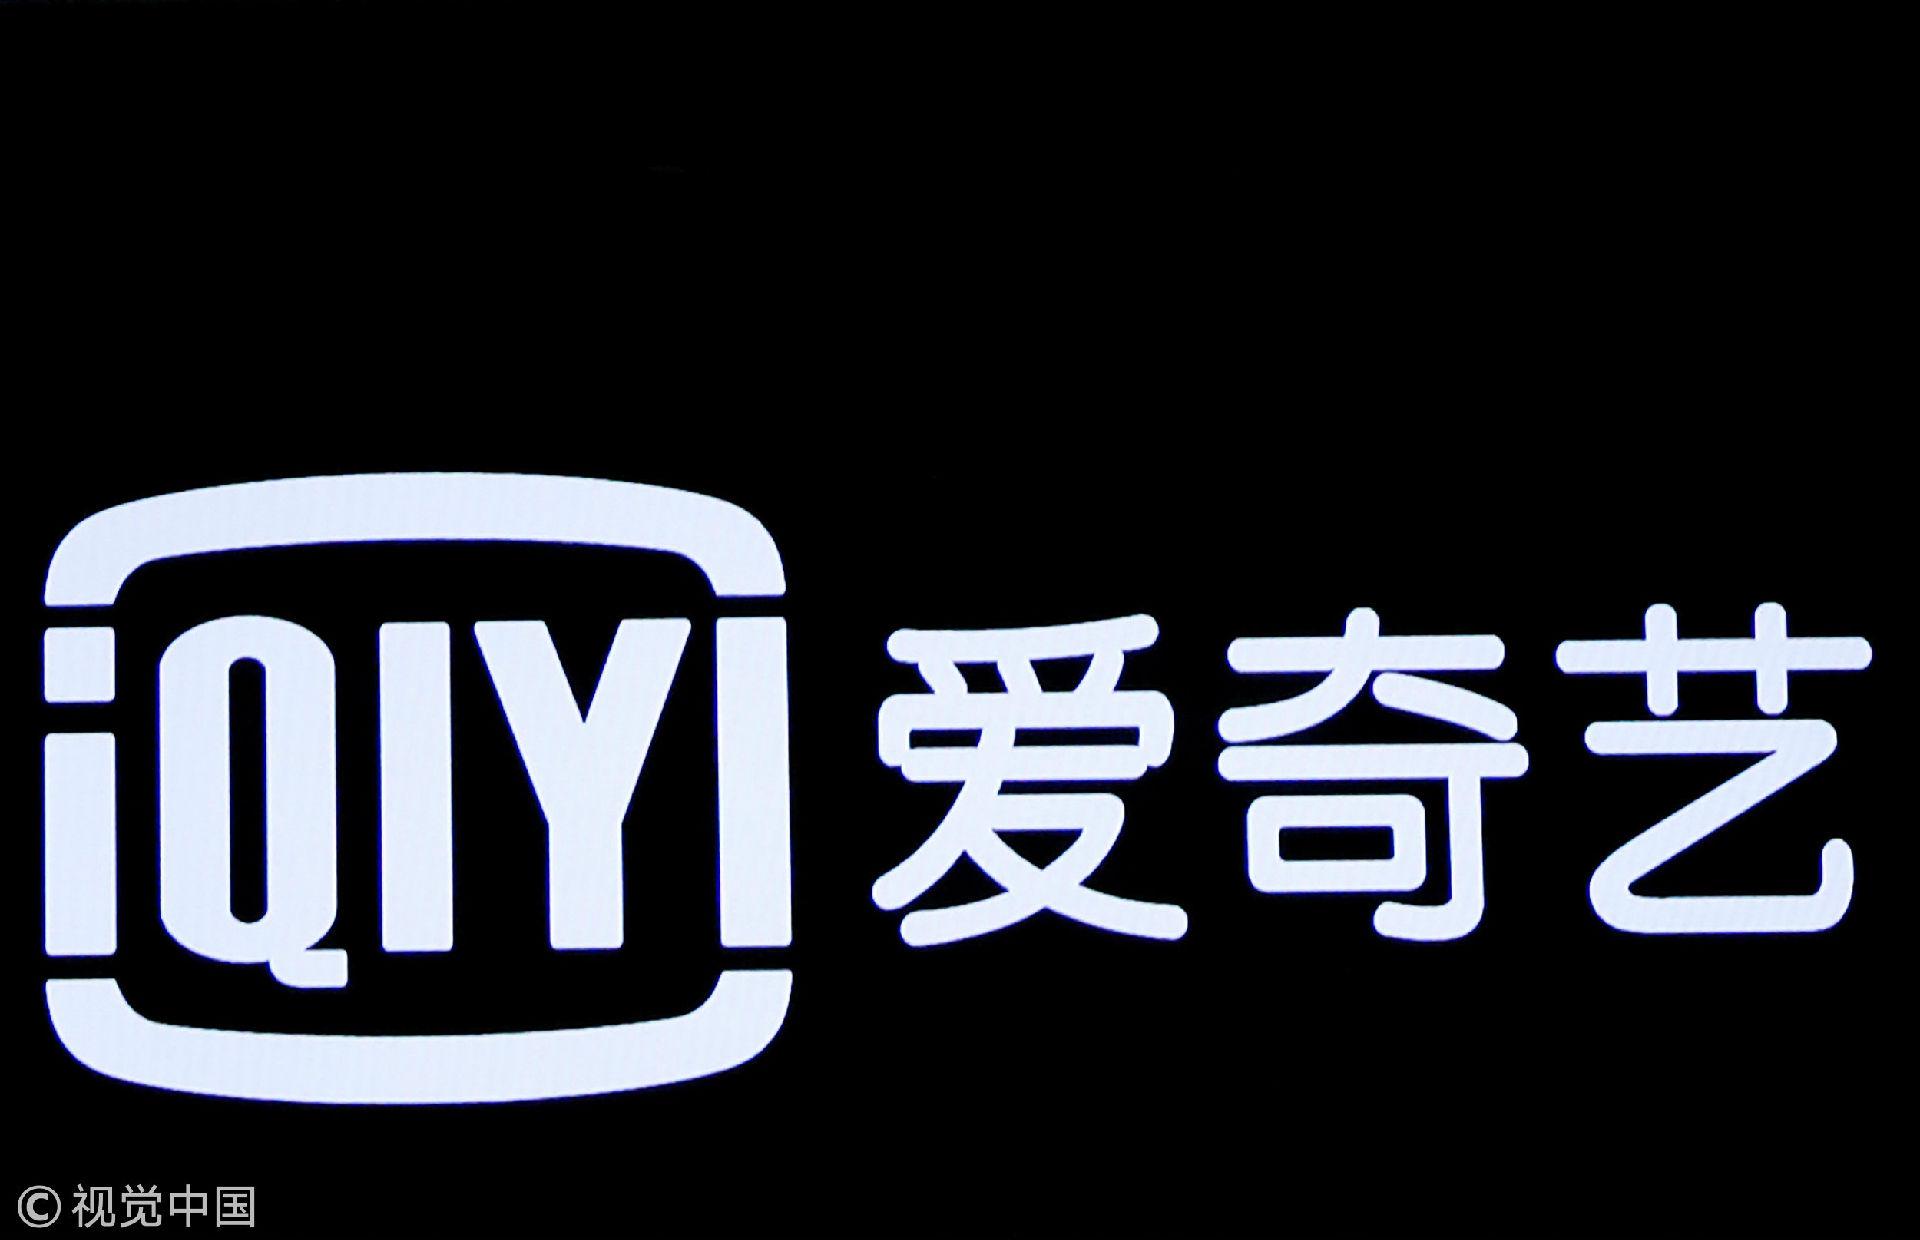 爱奇艺诉豆瓣网侵犯名誉权,称节目上线前遭诋毁